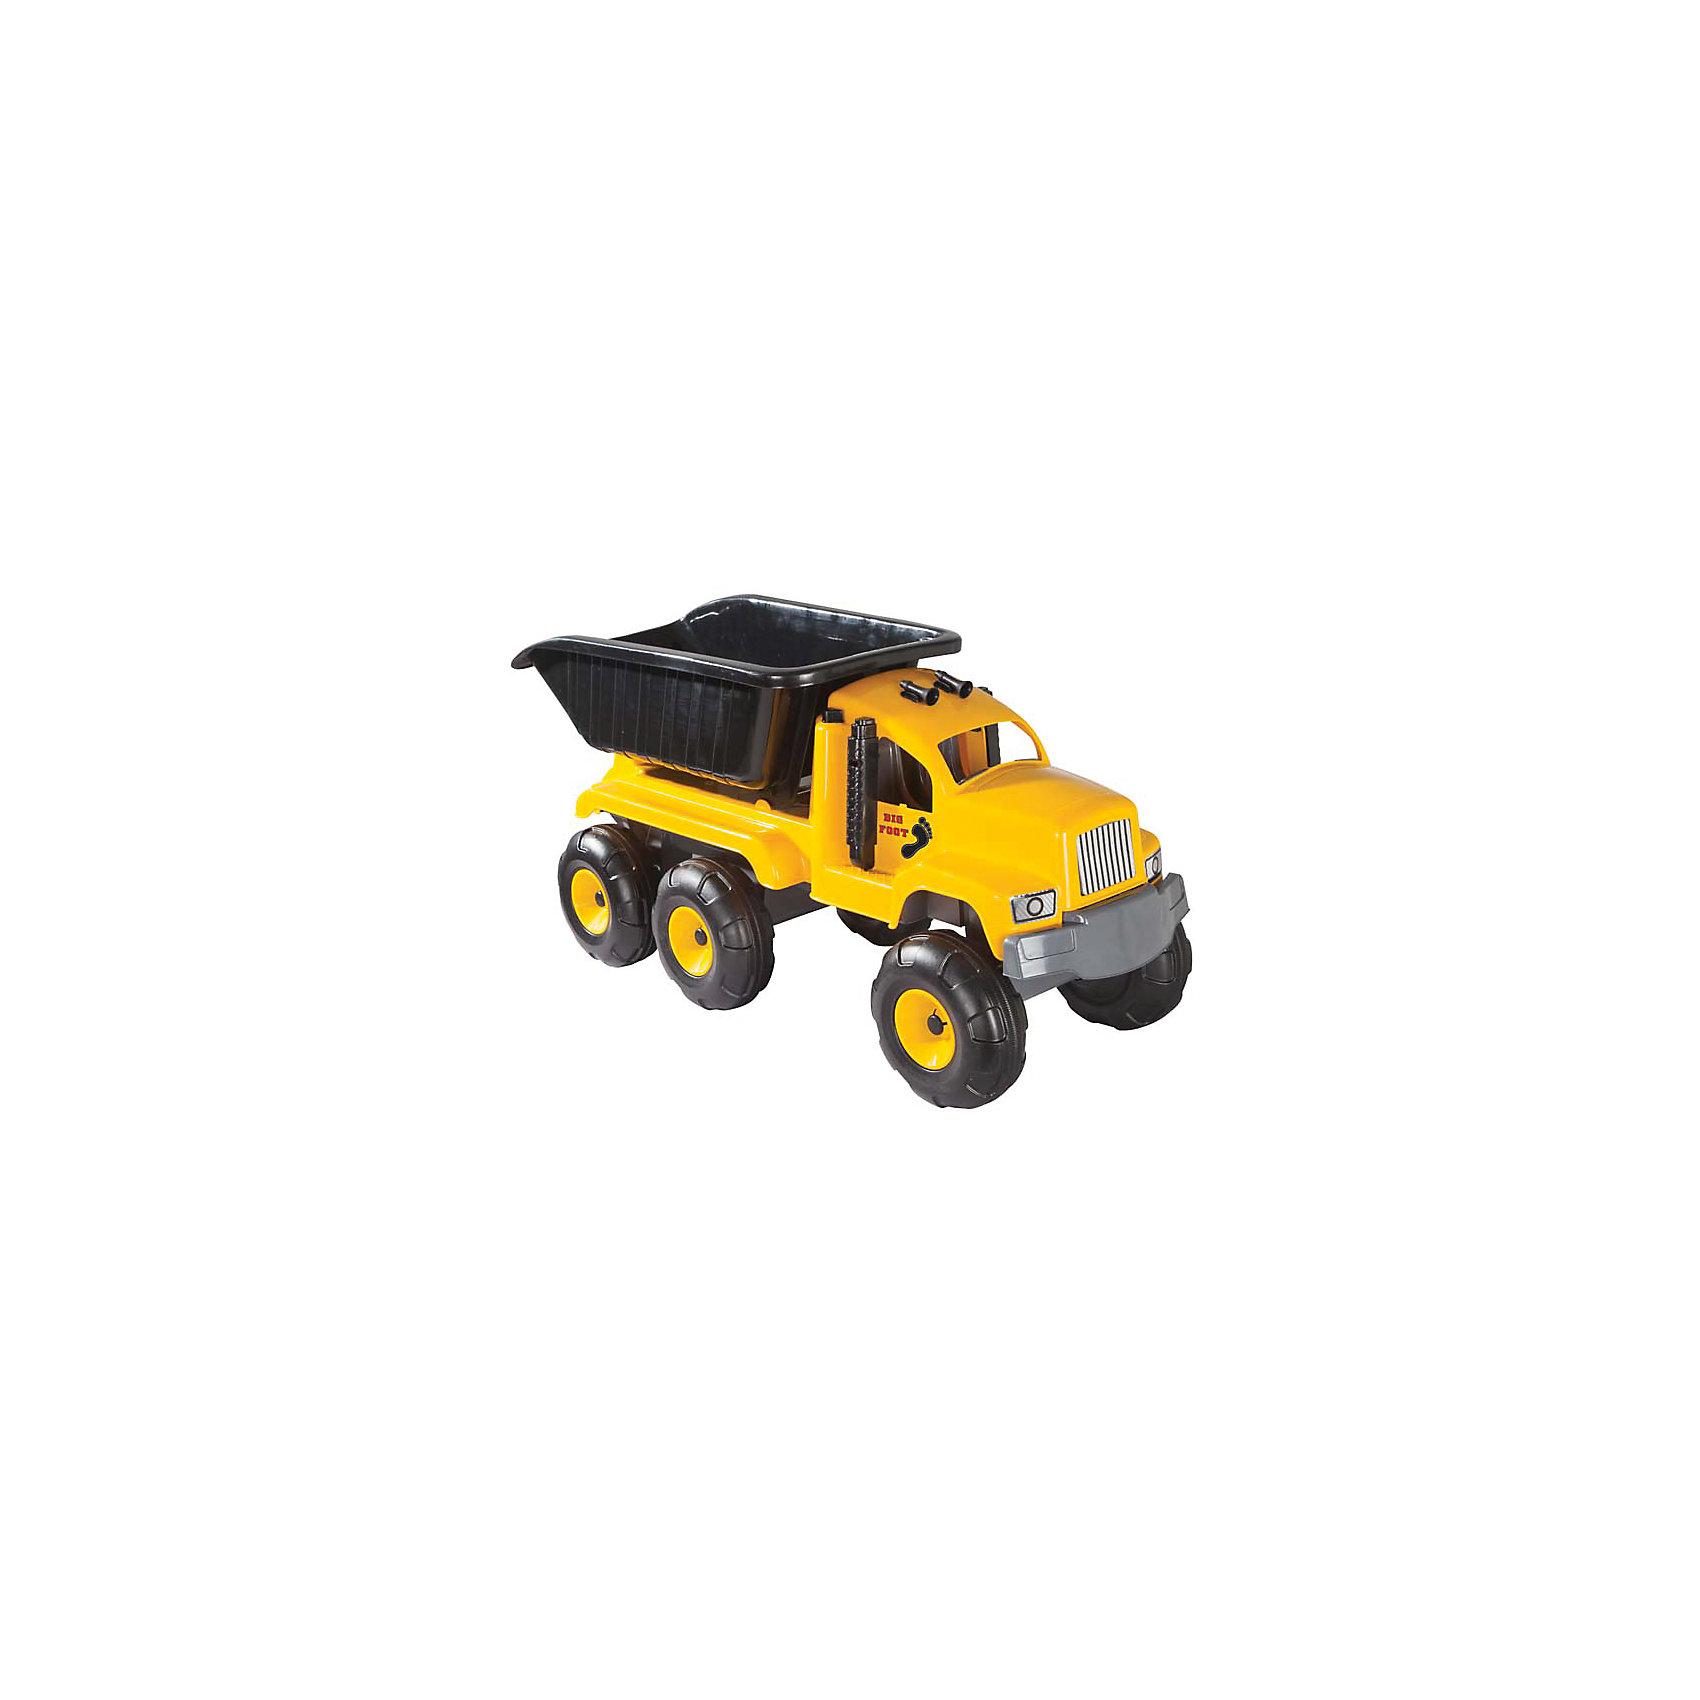 Машинка Самосвал большой BIG FOOT, PILSANМашинки<br>Характеристики товара:<br><br>• возраст: от 3 лет<br>• материал: пластик<br>• размер упаковки: 43х90х36 см<br>• вес: 4,75 кг<br><br>Самосвал Pilsan поможет перевезти игрушки, песок и другие предметы. Ребенок сможет устроить настоящую строительную площадку в песочнице или у себя дома! <br><br>Большие прочные колеса справятся с любой дорожной поверхностью. <br><br>Машинку Самосвал большой BIG FOOT, PILSAN (Пилсан) вы можете купить в нашем интернет-магазине.<br><br>Ширина мм: 360<br>Глубина мм: 900<br>Высота мм: 430<br>Вес г: 4750<br>Возраст от месяцев: 36<br>Возраст до месяцев: 96<br>Пол: Мужской<br>Возраст: Детский<br>SKU: 5512004